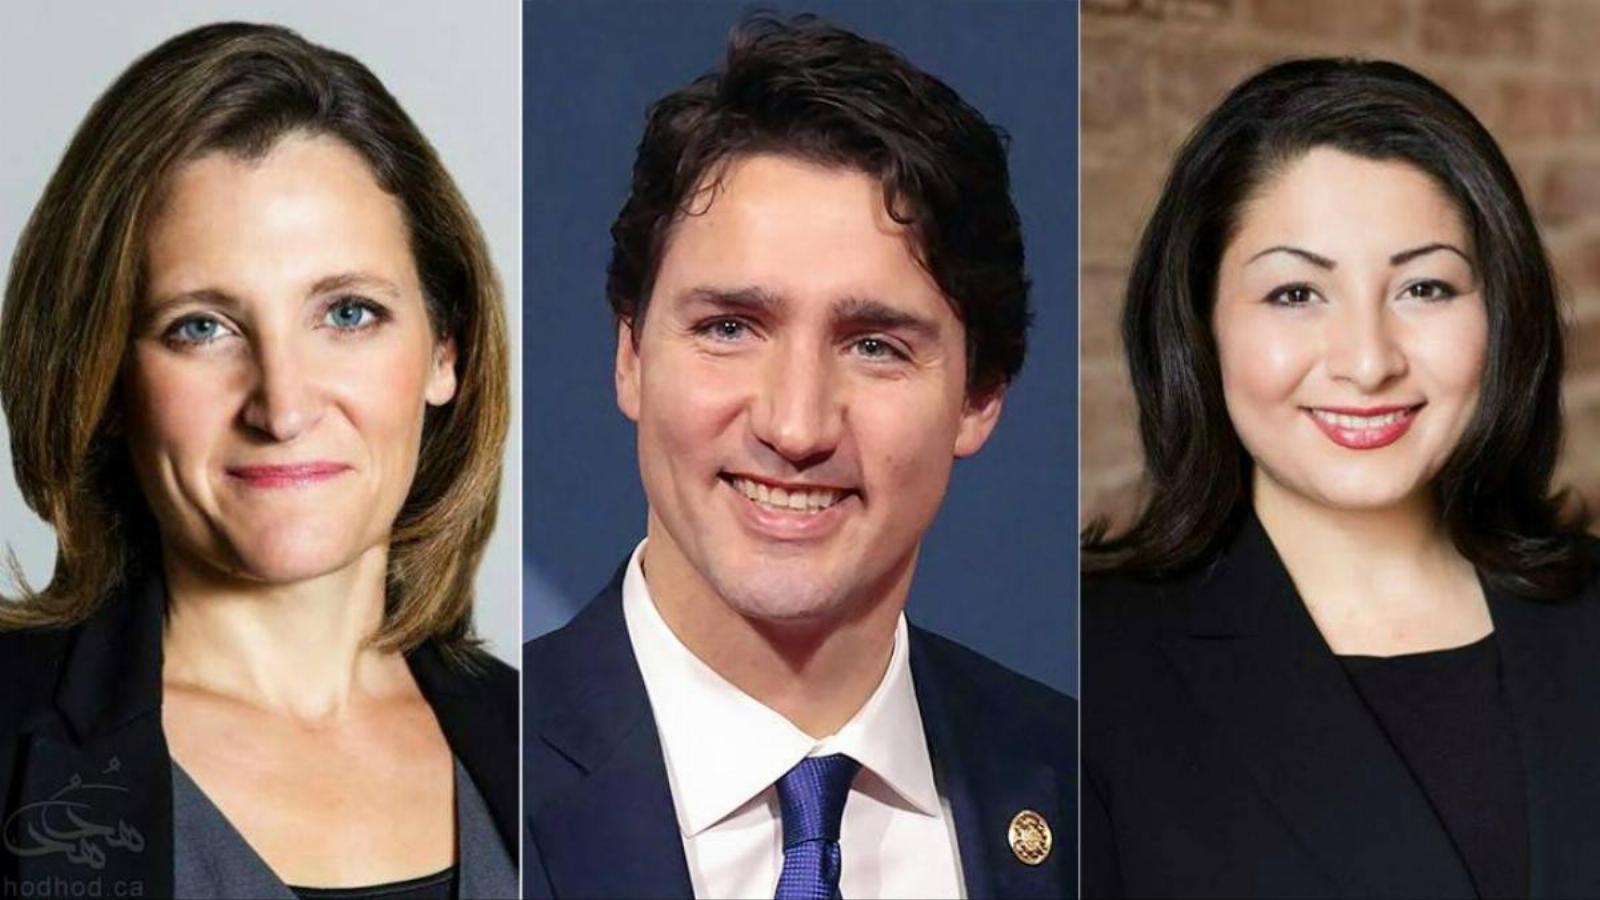 کریستیا فریلند و مریم منصف در تغییر ناگهانی کابینه دولت لیبرال